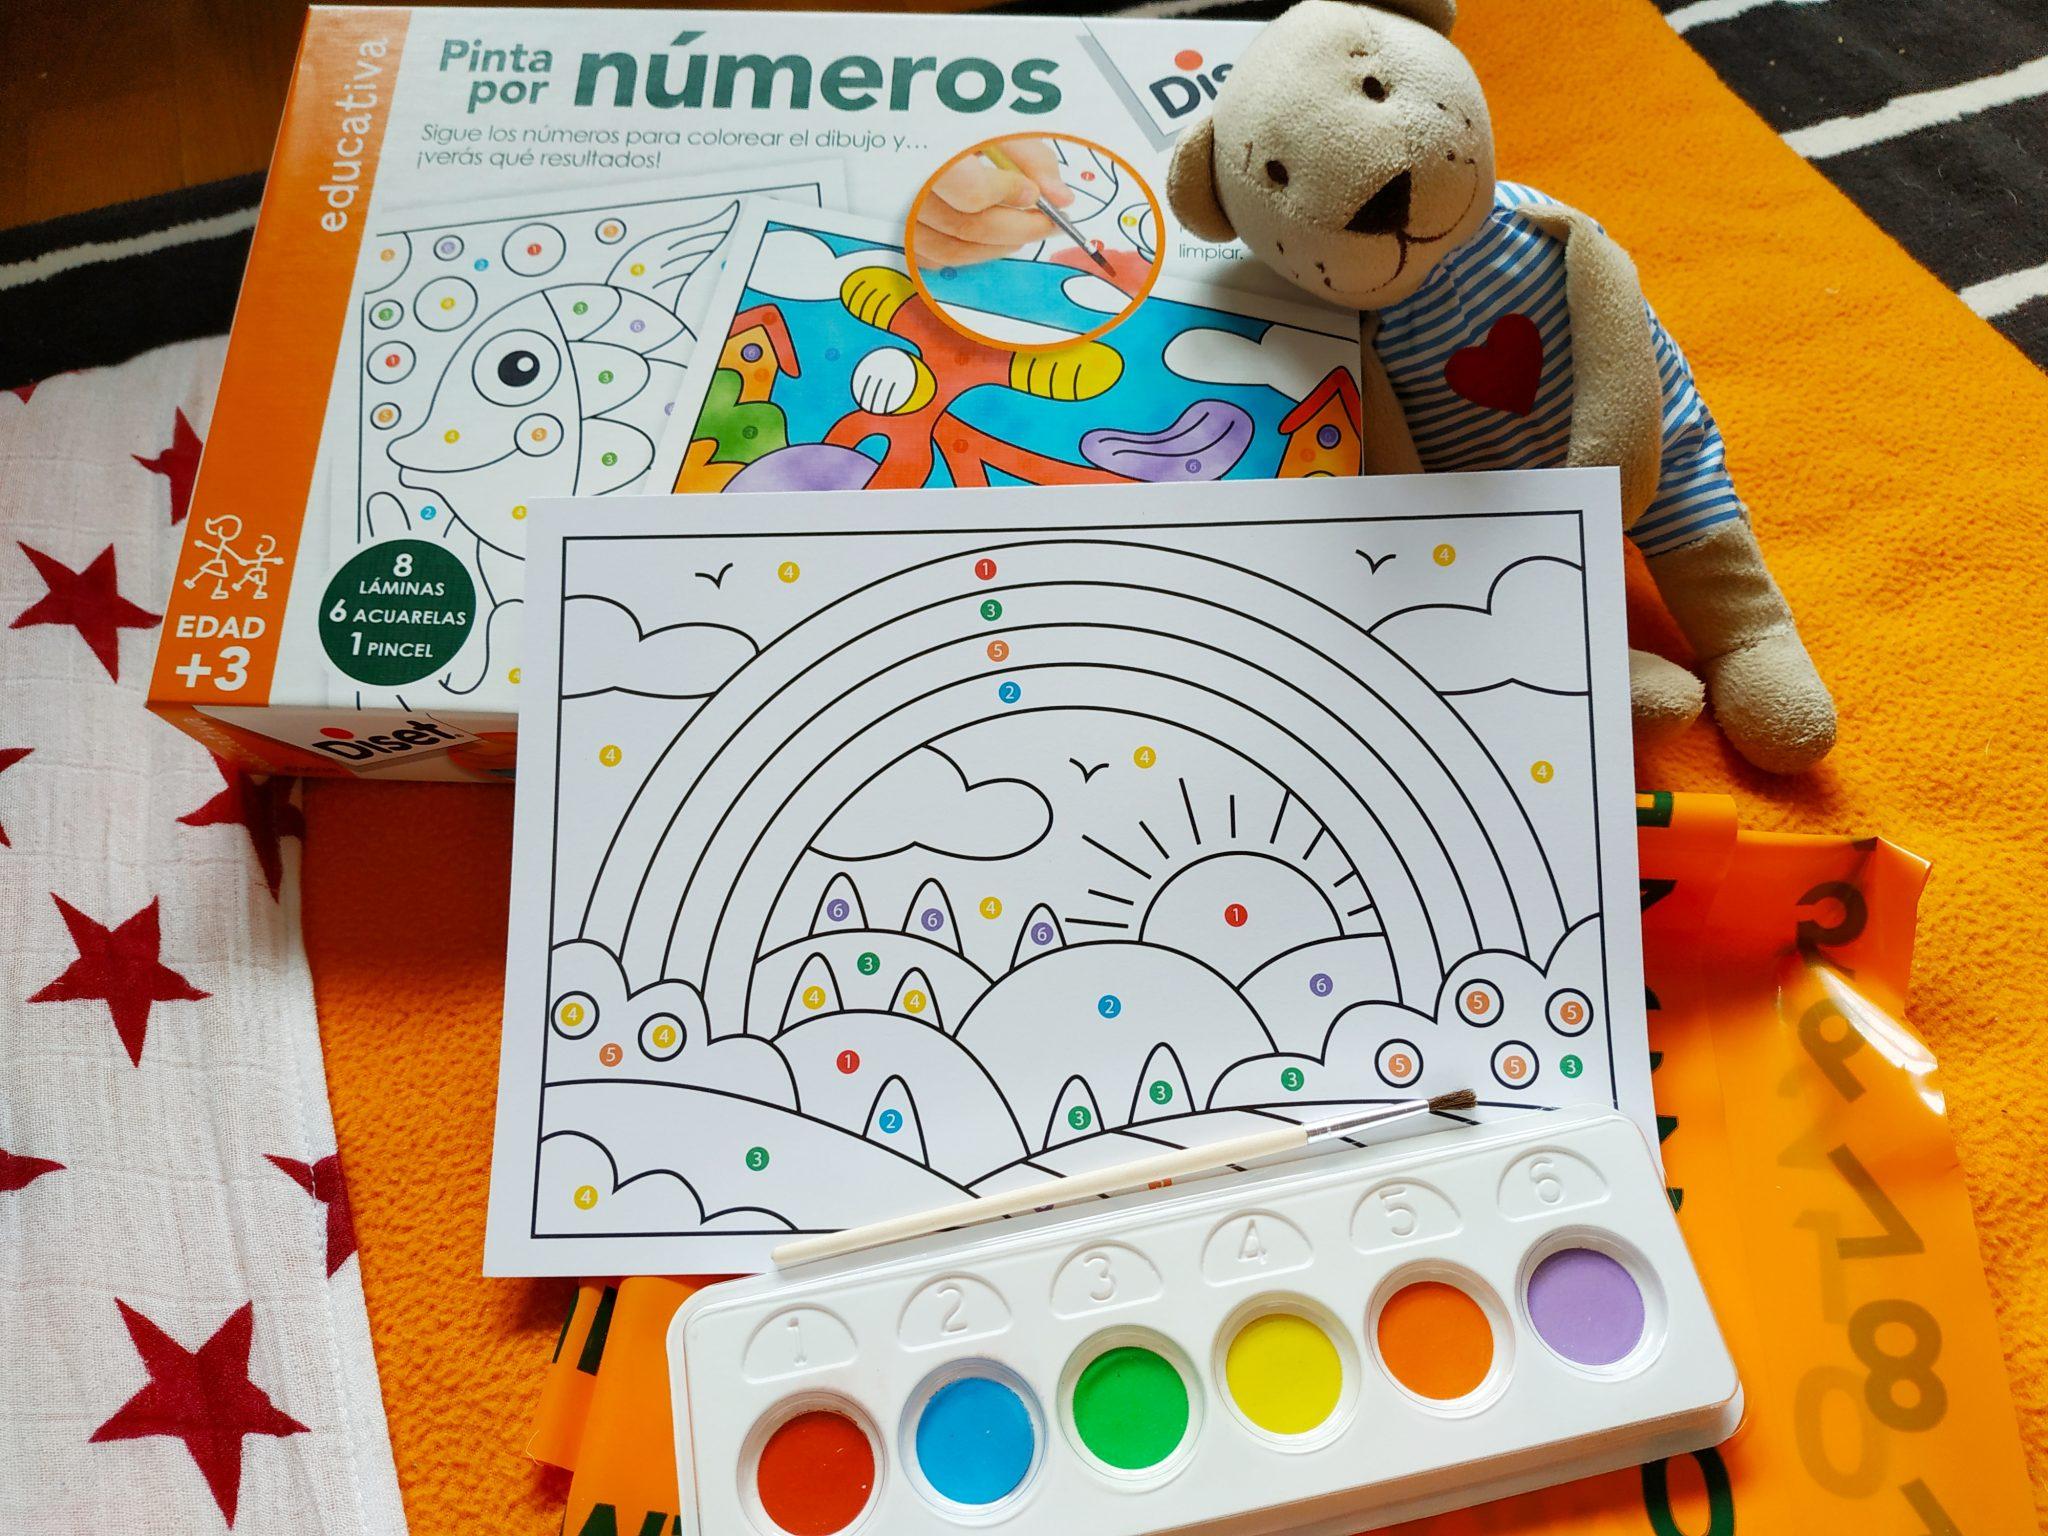 IMG 20190409 094924 - Juegos didácticos para niños de 6 años